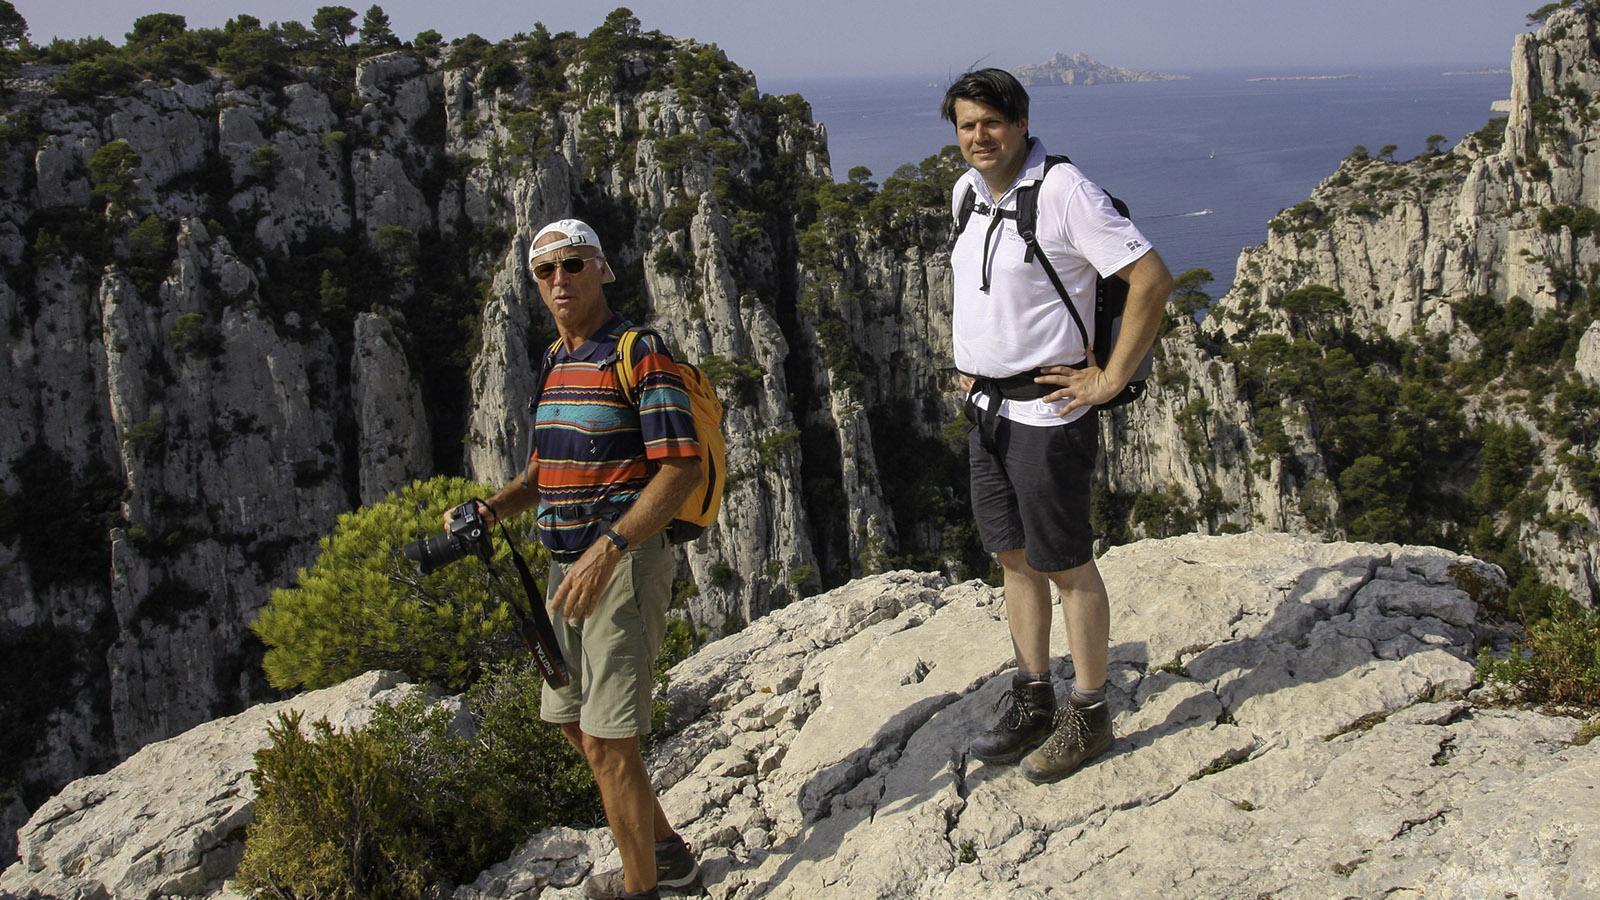 Wanderung in den Calanque von Cassis. Foto: Karl-Heinz Stabel